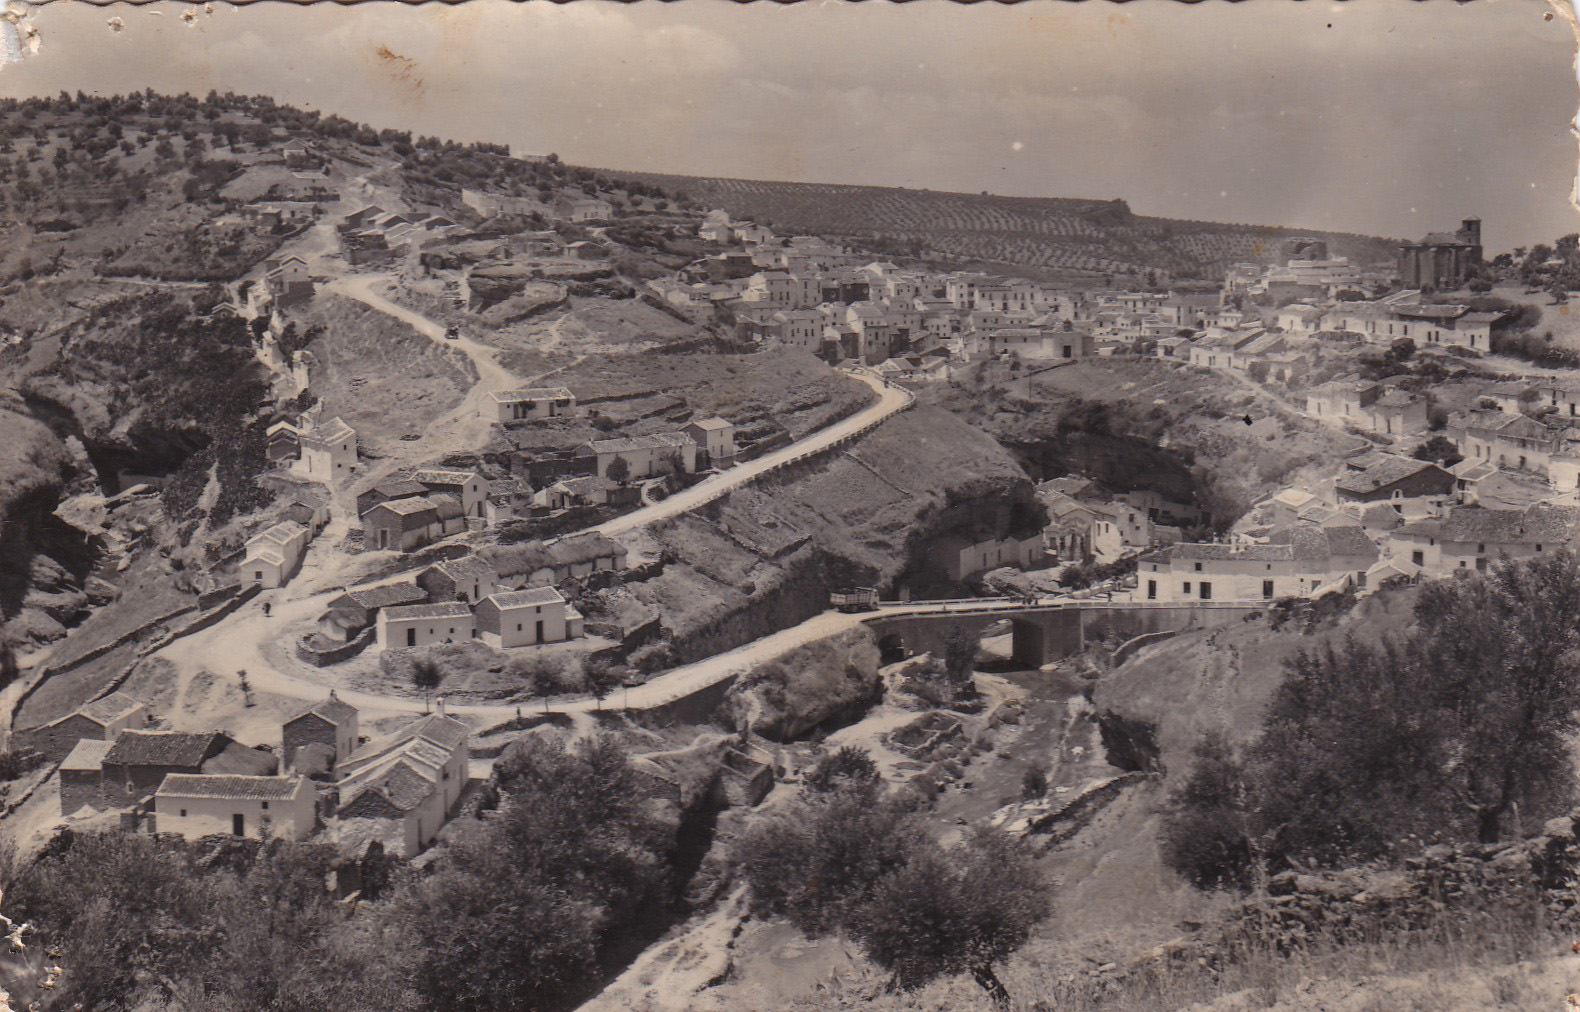 Vista general del pueblo desde Los Montecillos. Se aprecia en primer plano El Carril y las Cuevas Román a la izquierda de la imagen, publicada en 1968. Esta imagen es una joya para conocer el urbanismo setenileño de la época.